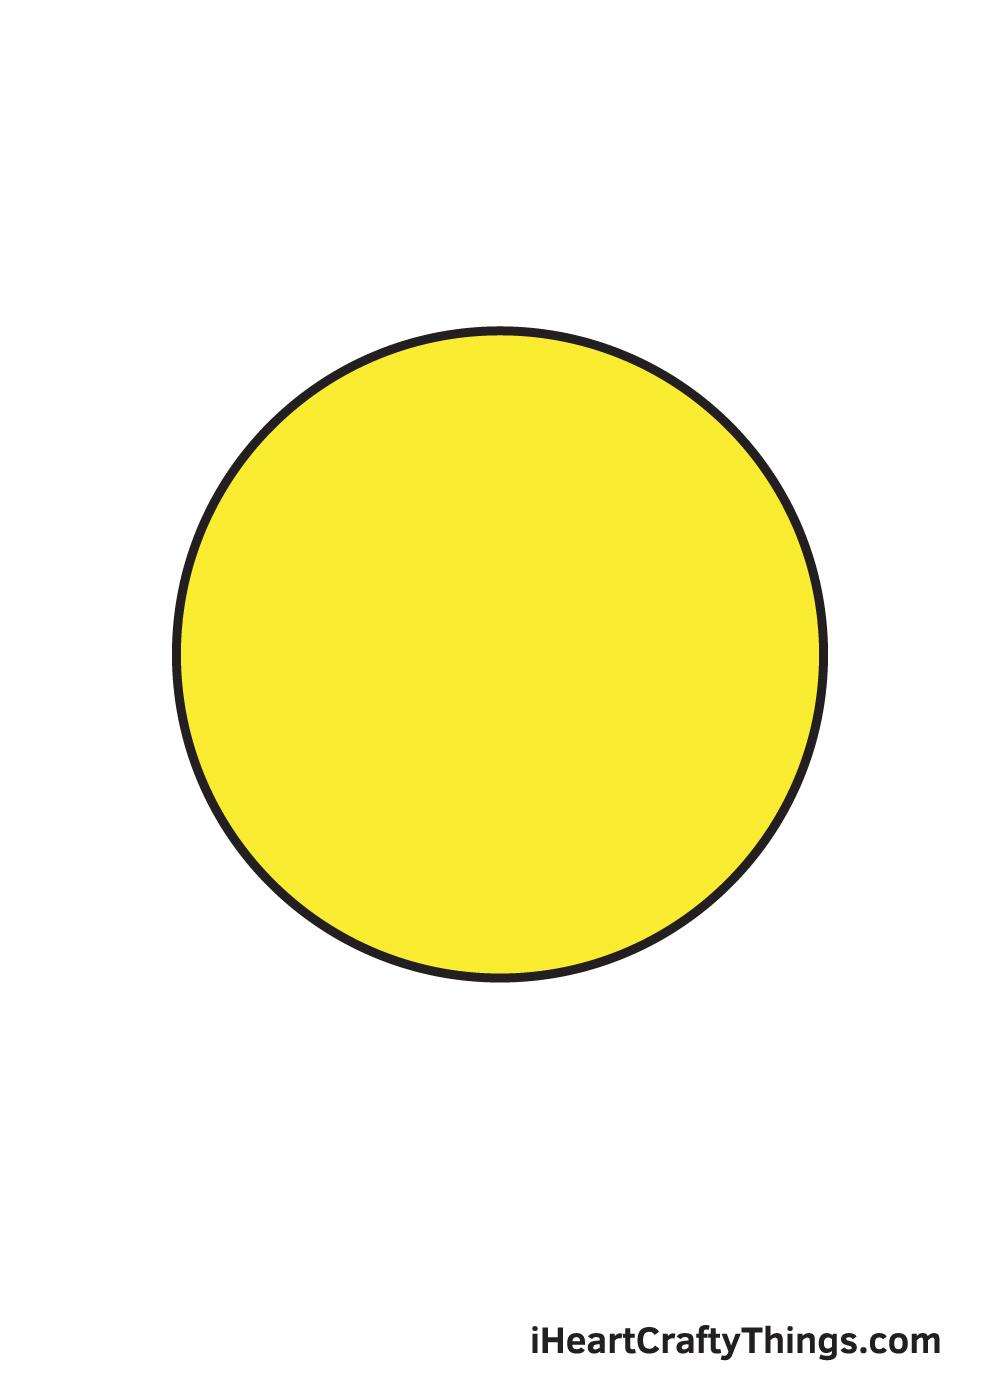 circle drawing 9 steps